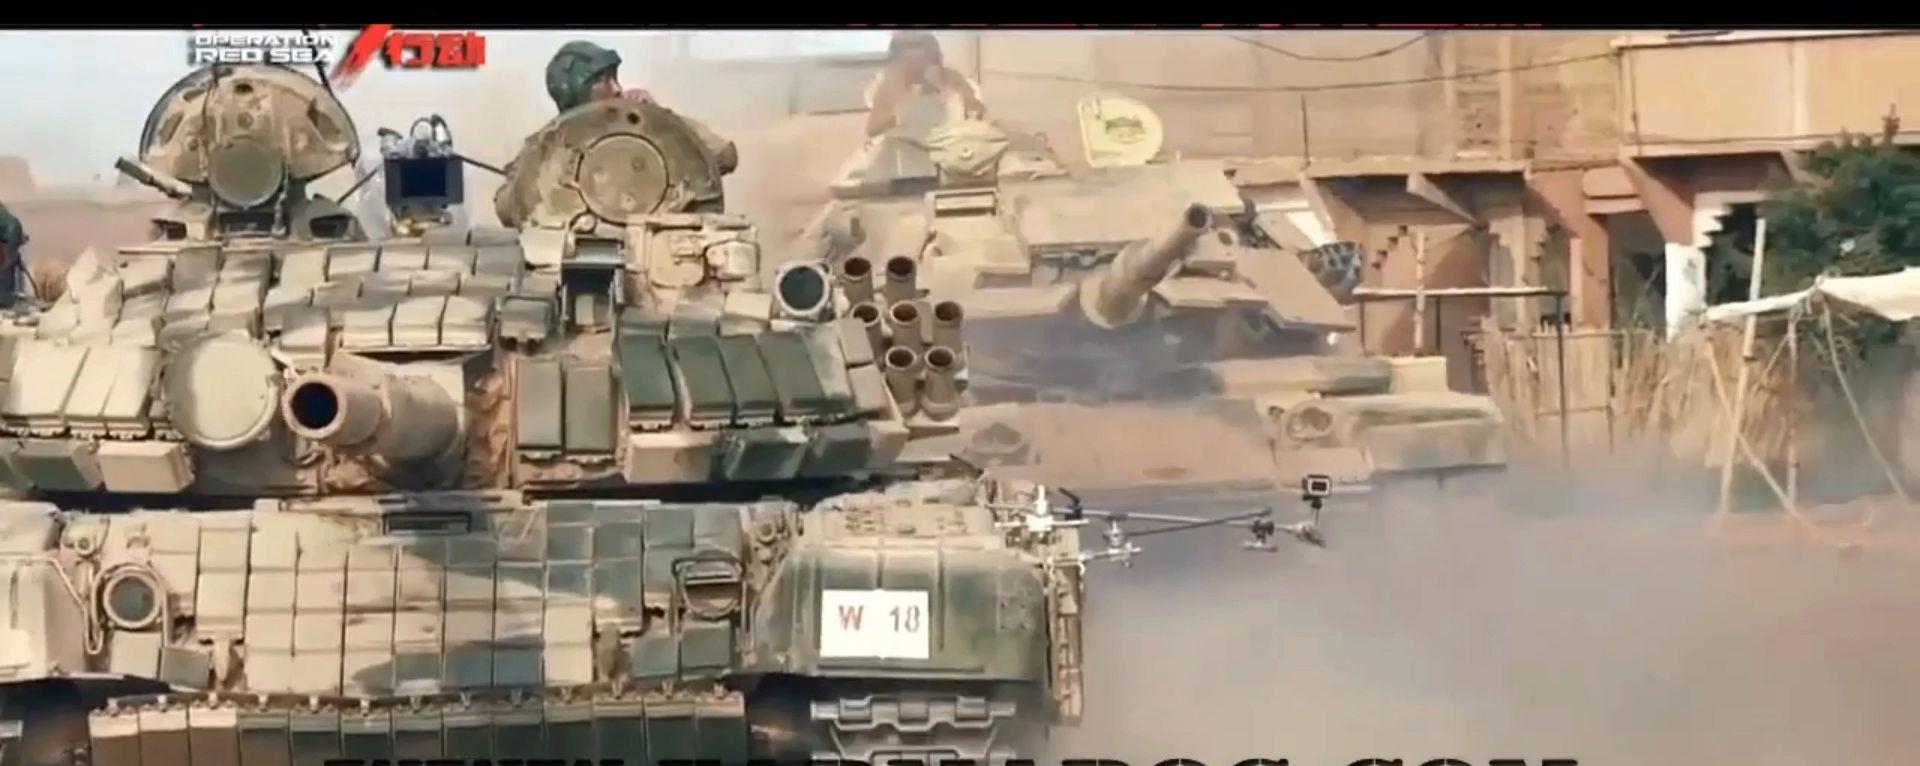 Photos - Chars de Combat / MBTs - Page 3 20180418